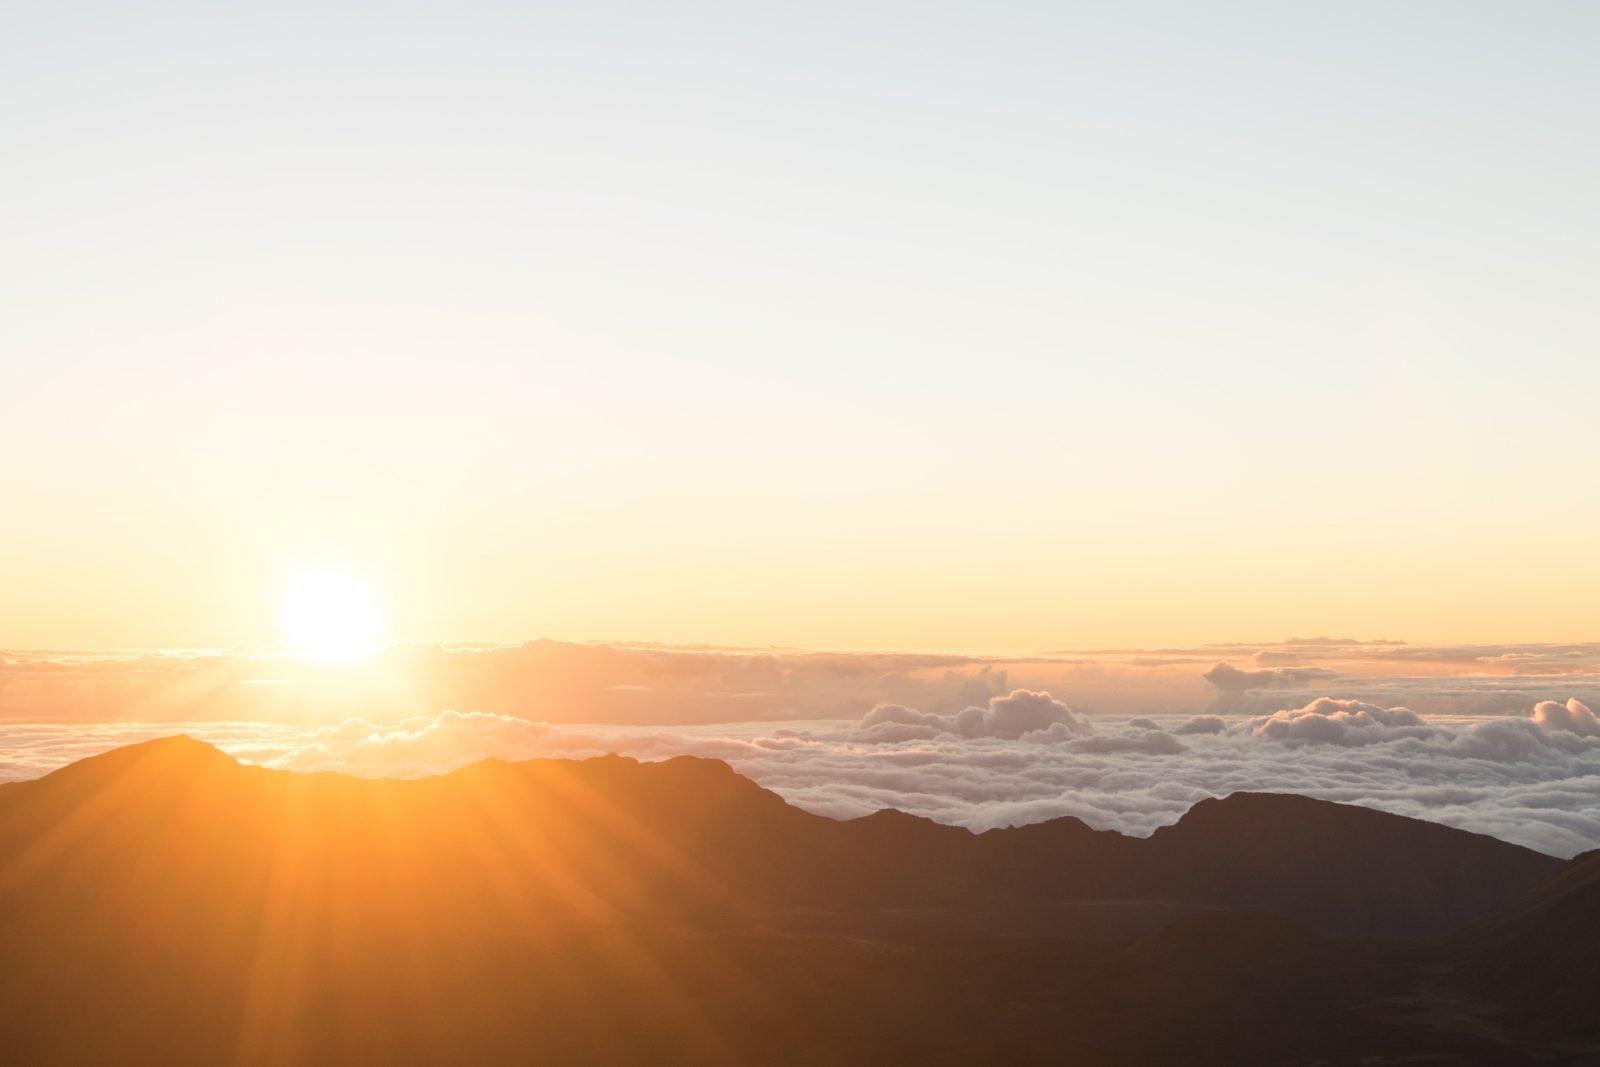 Ein Sonnenaufgang über Bergen.